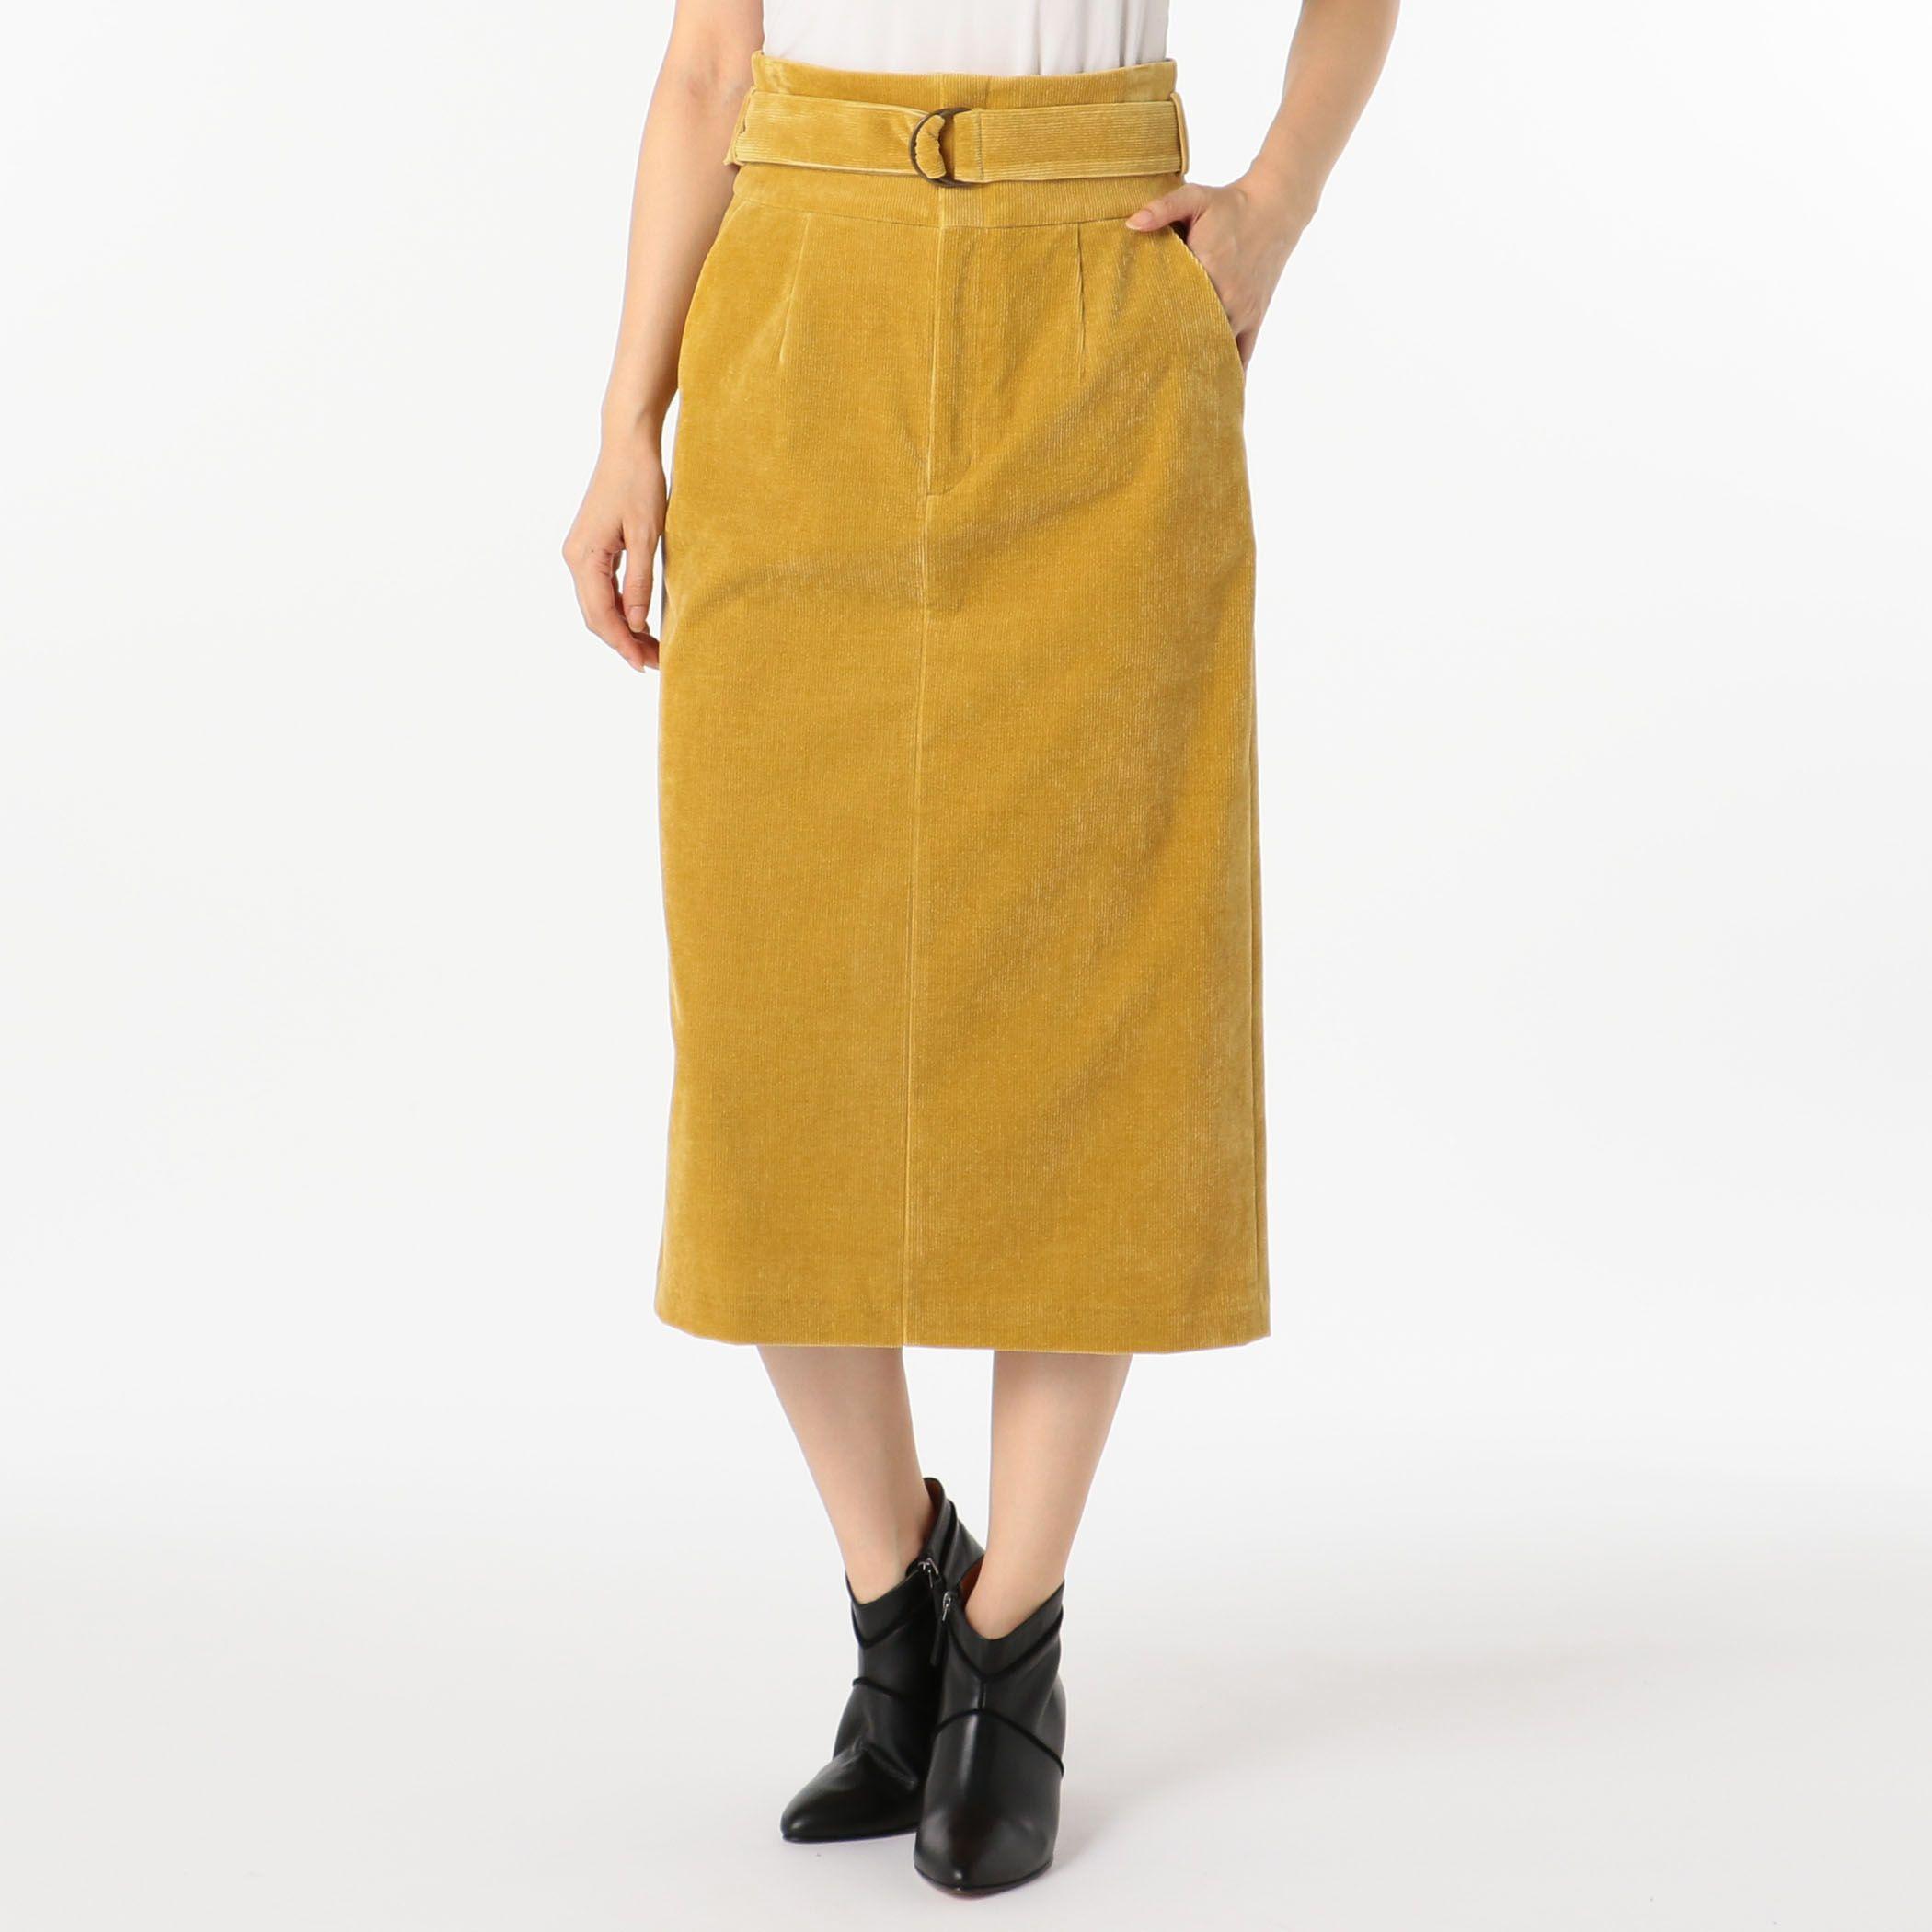 NOLLEY'Sノーリーズ/シャンブレーコールタイトスカート